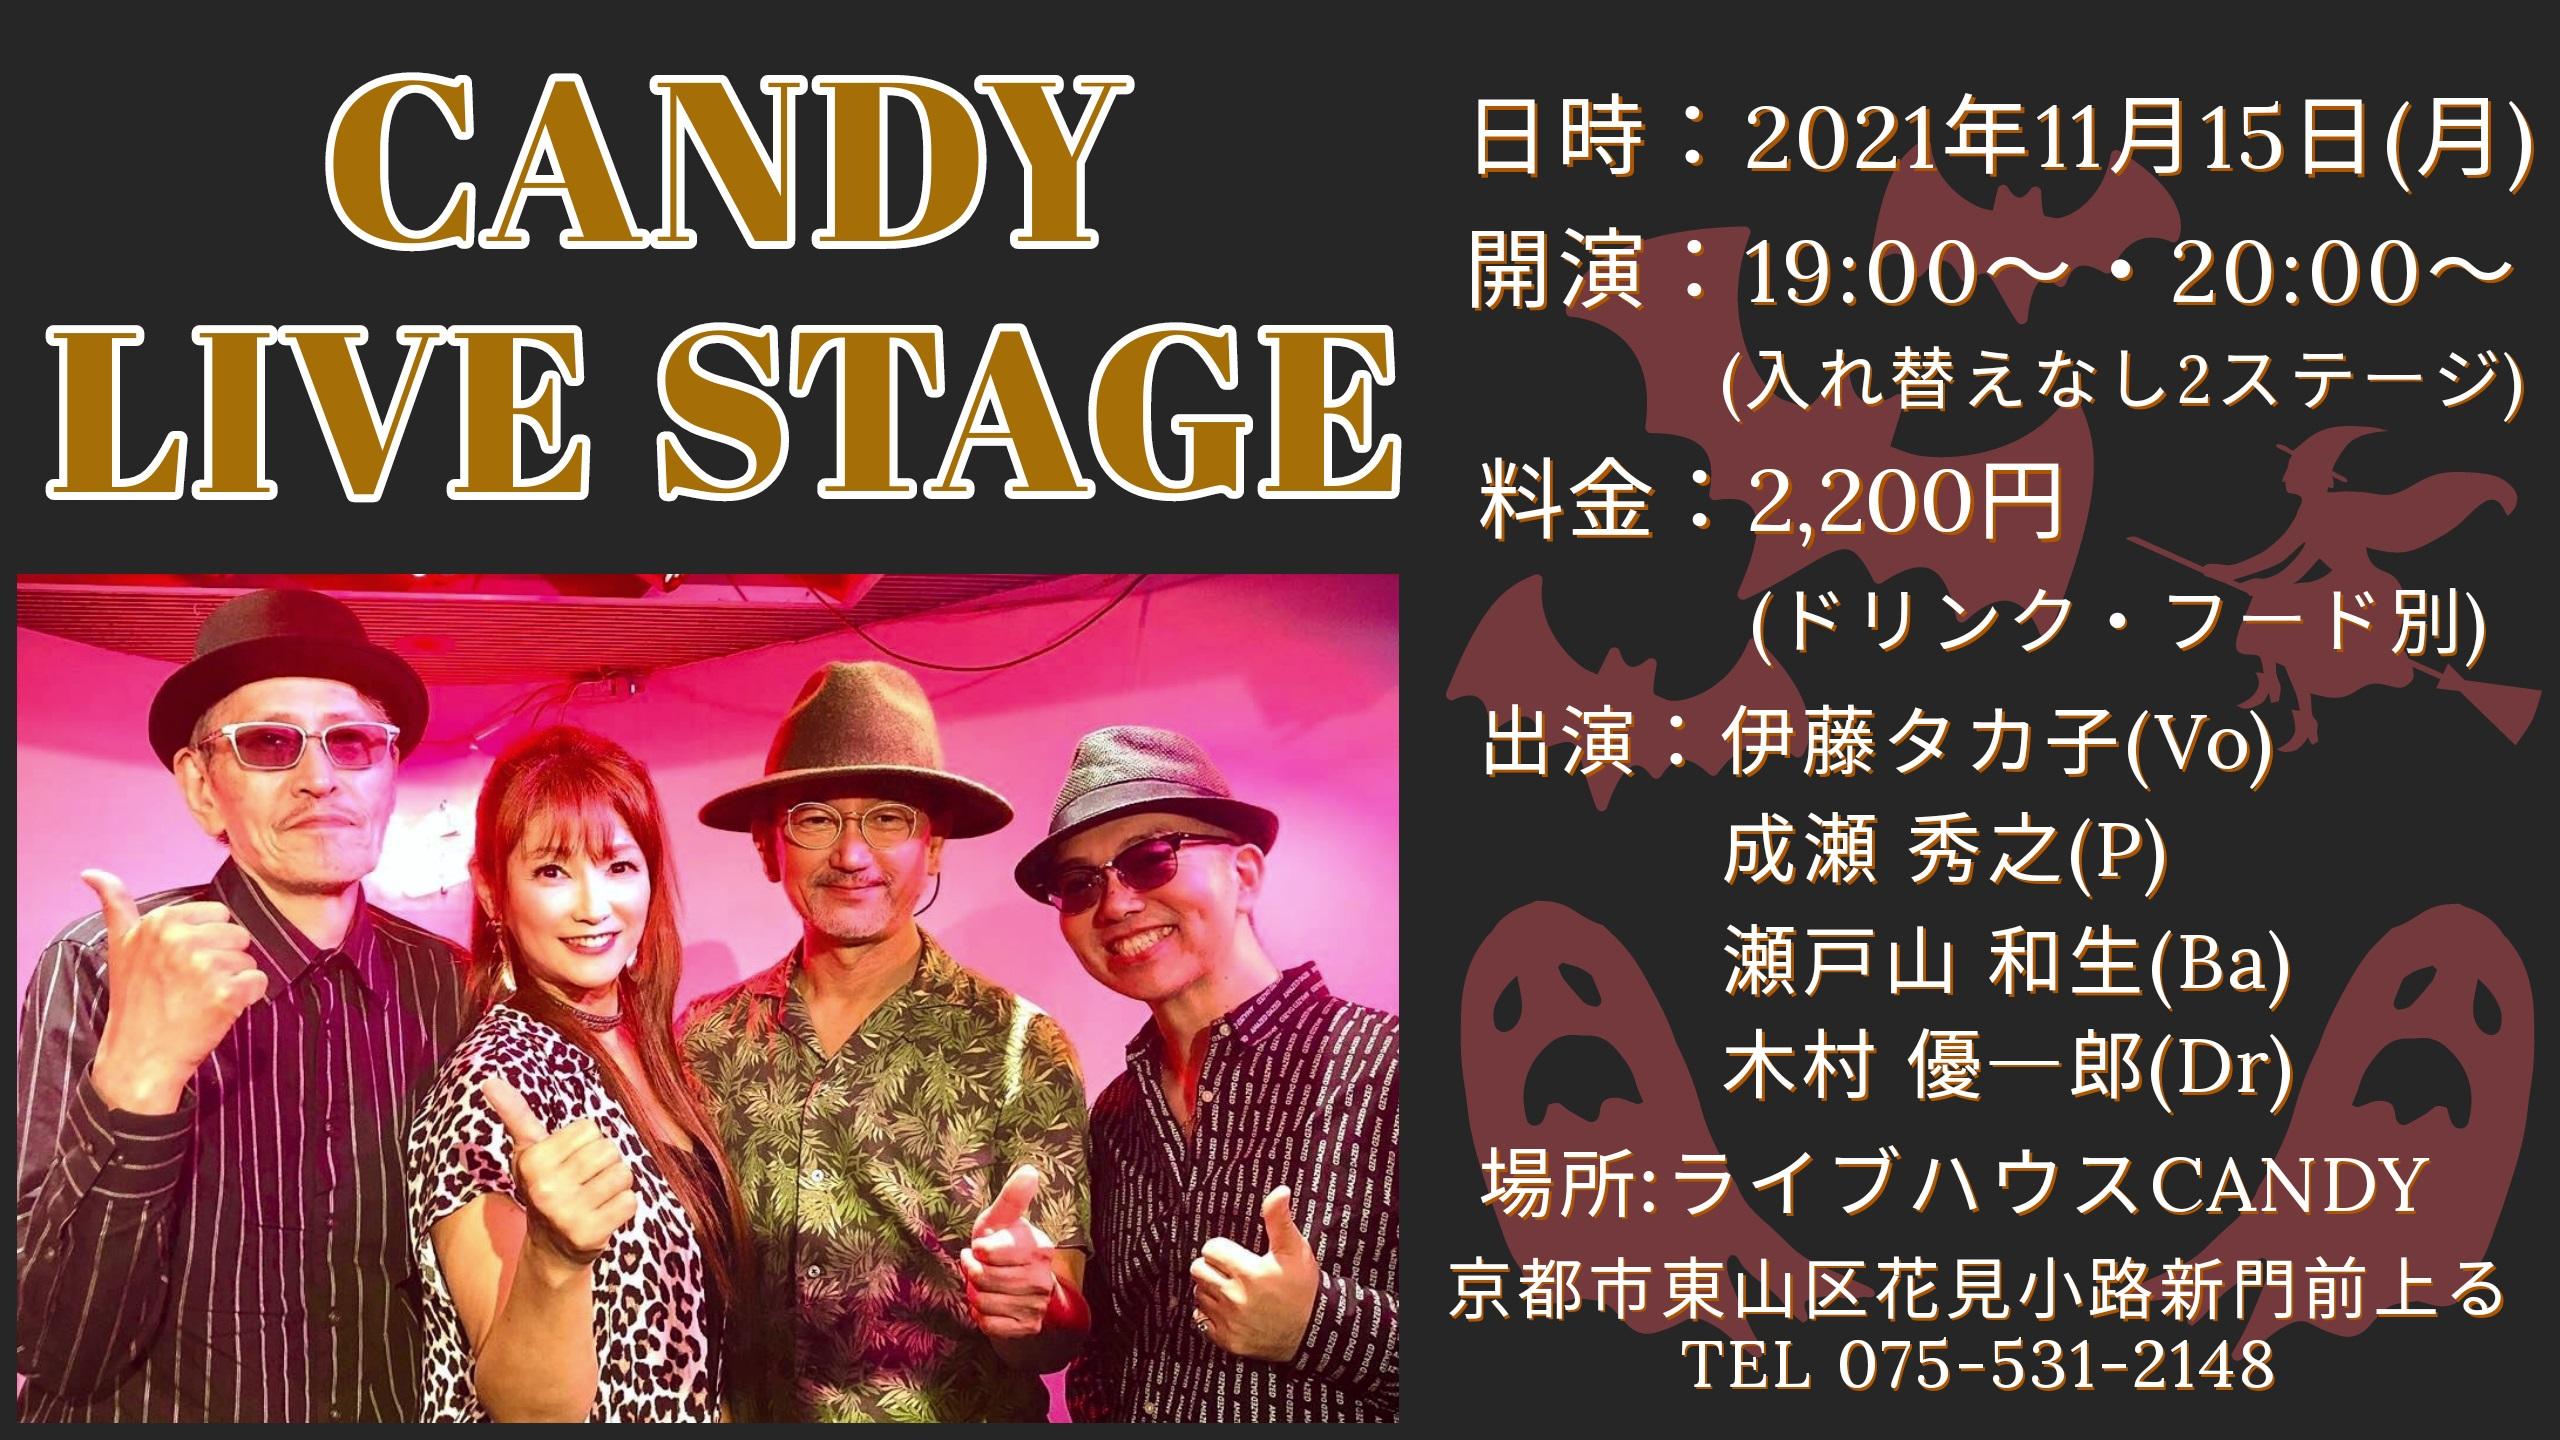 11月CANDYライブステージのお知らせ